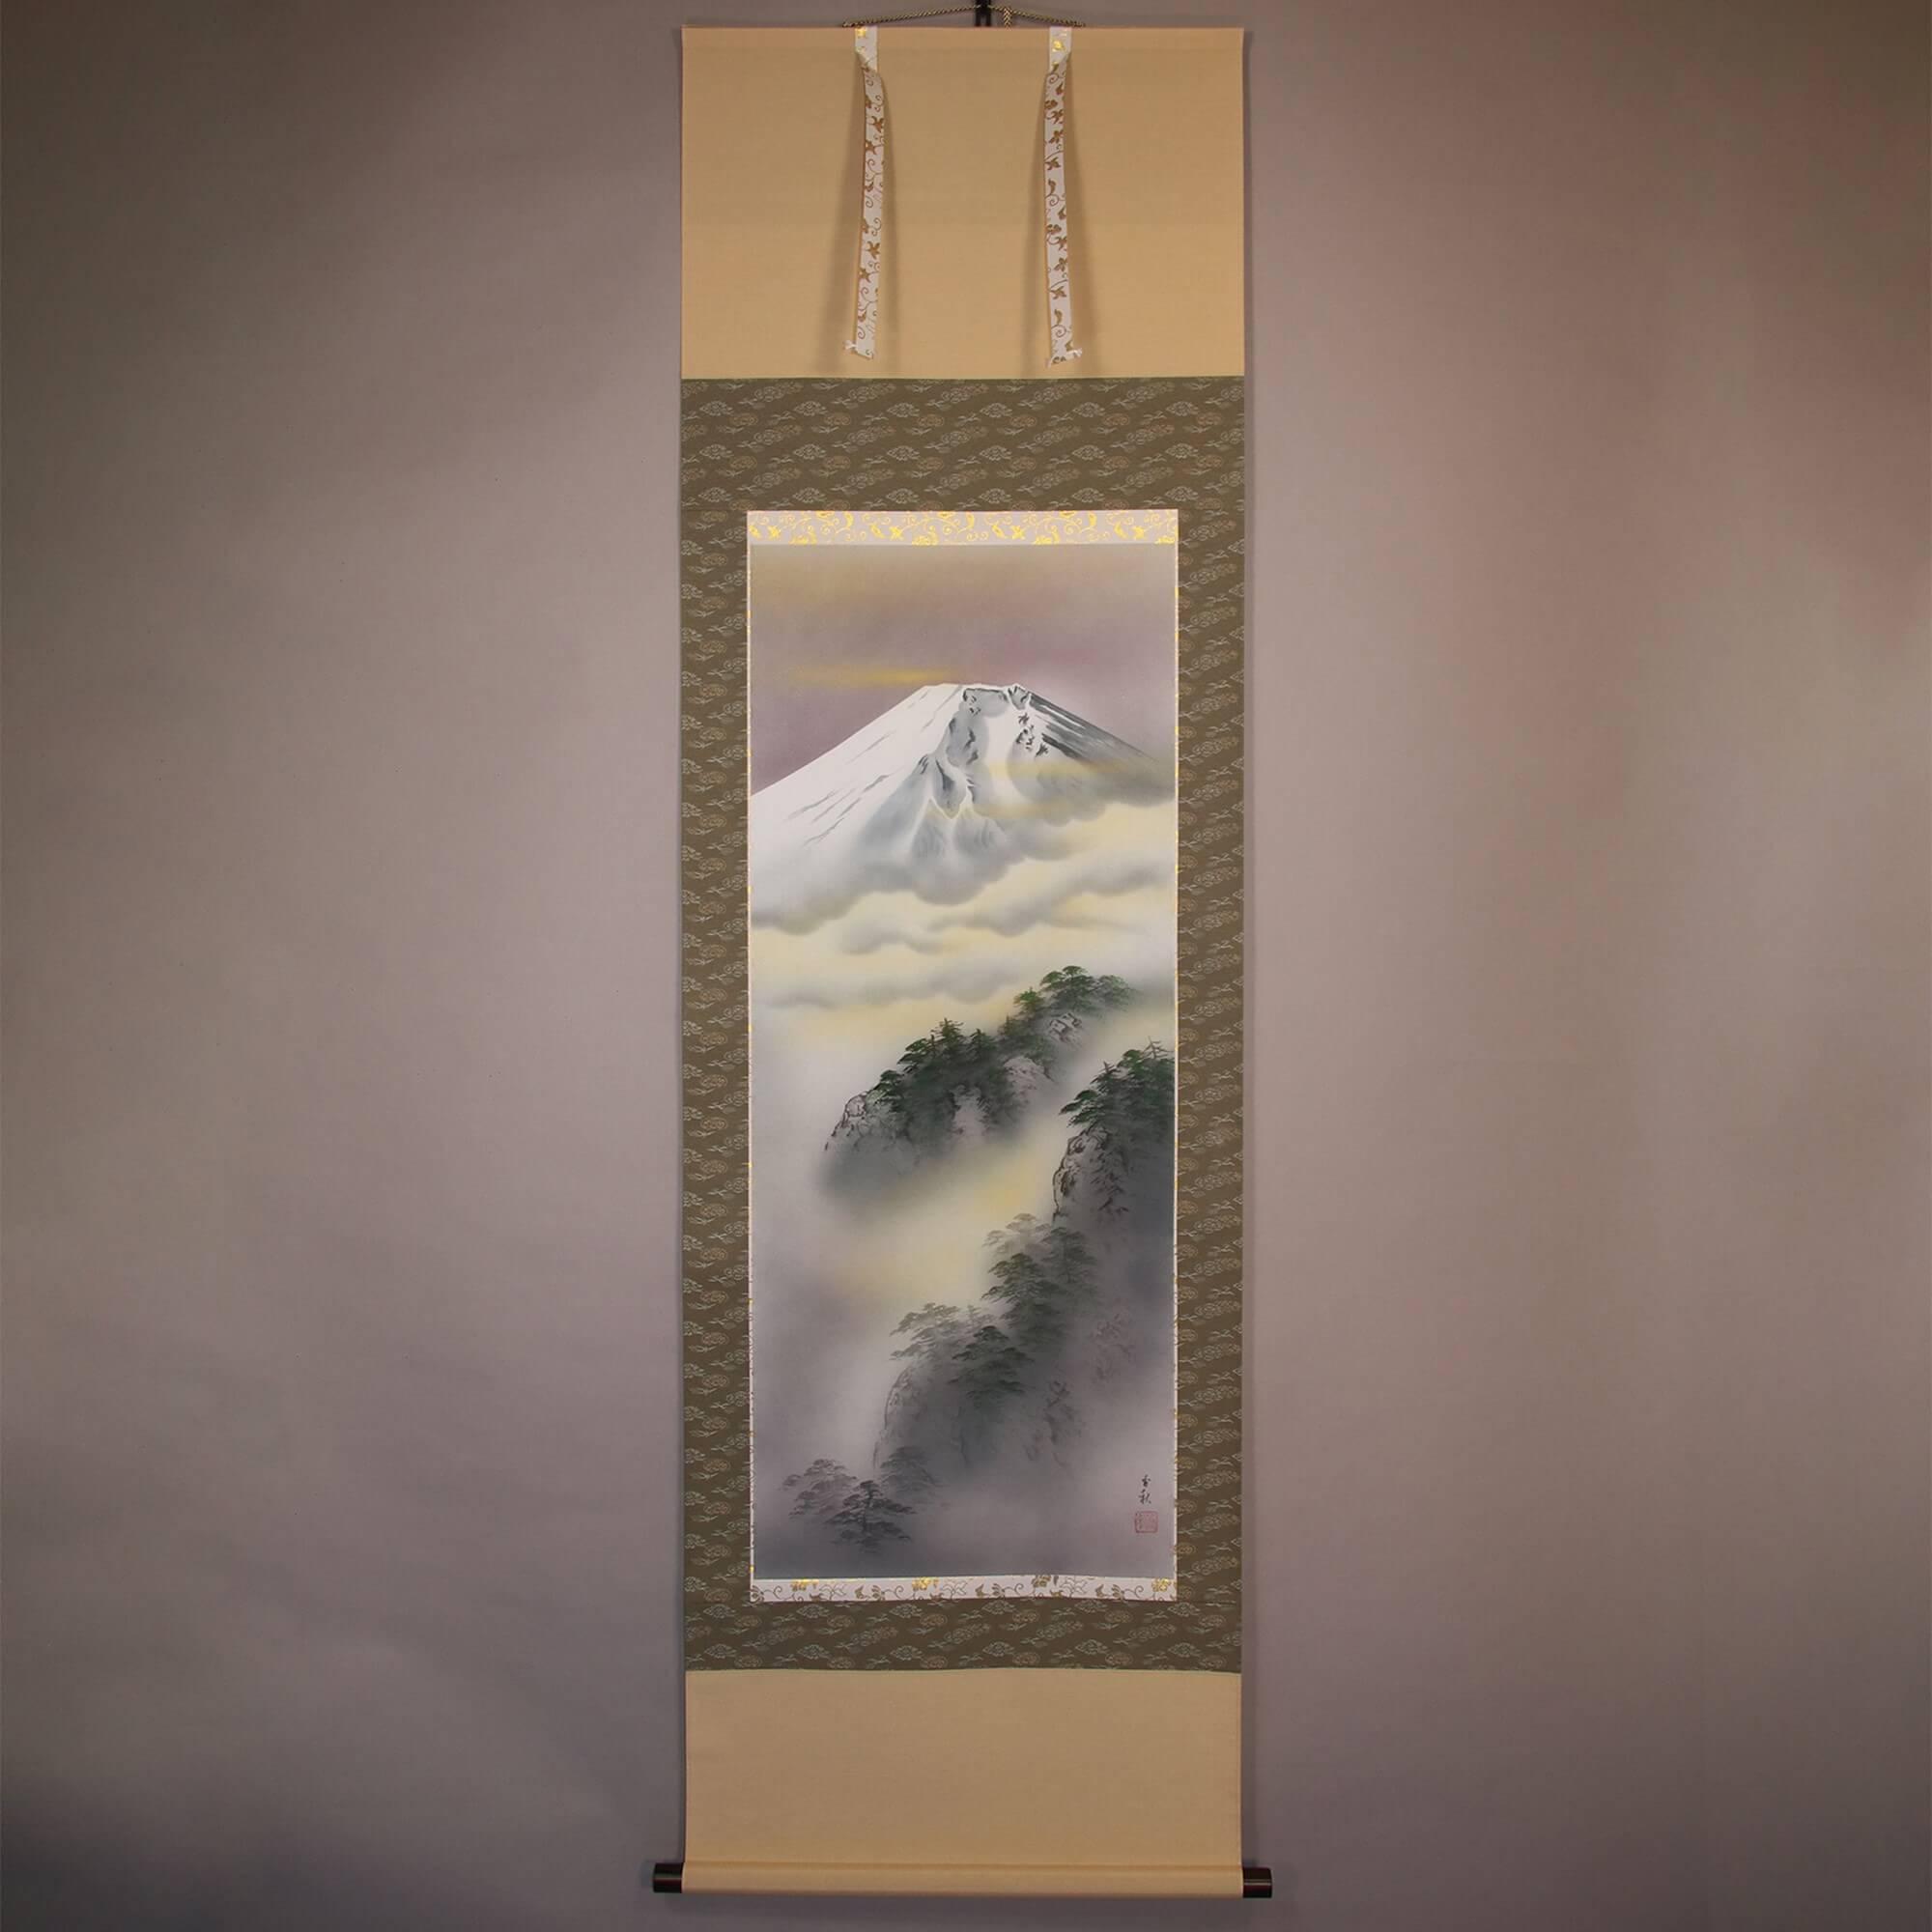 Mt. Fuji / Yokoyama Kōshū